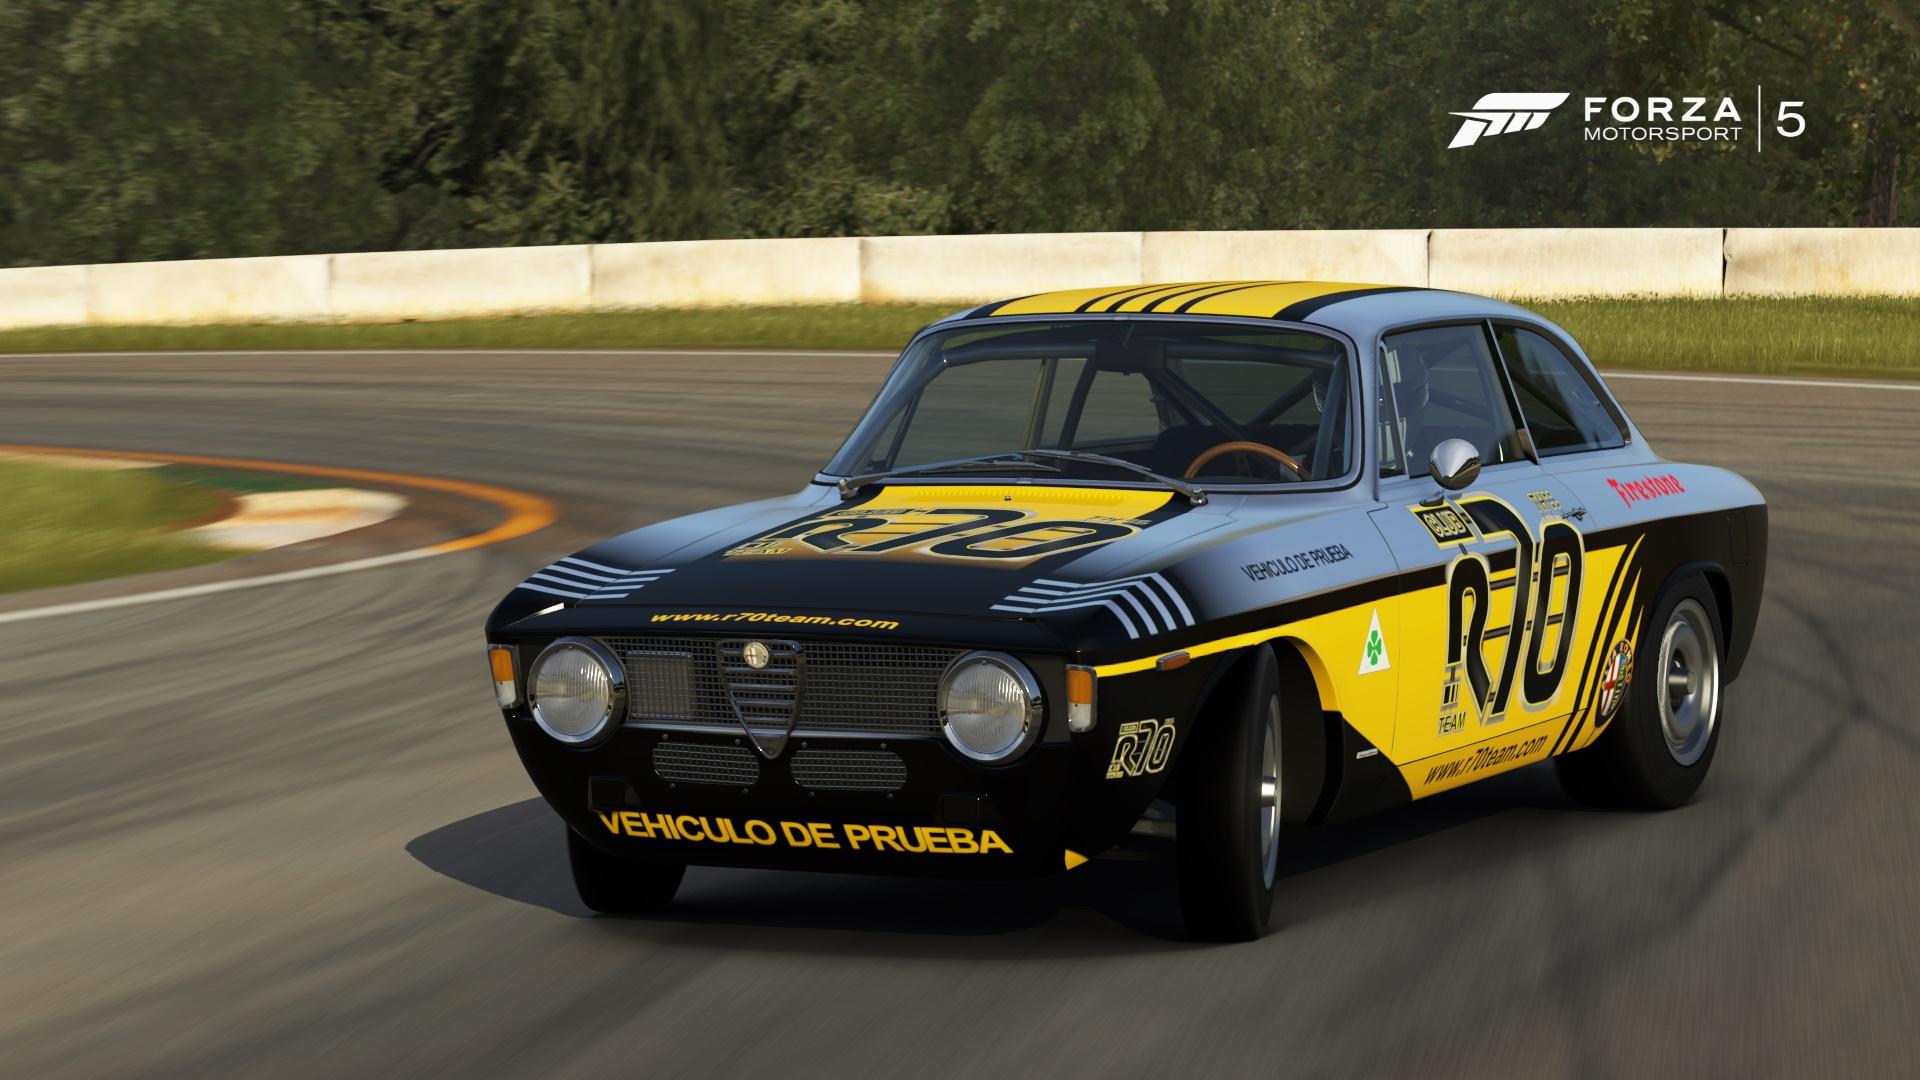 [Pruebas de Acceso] Forza Motorsport 5 - Página 2 P3ai